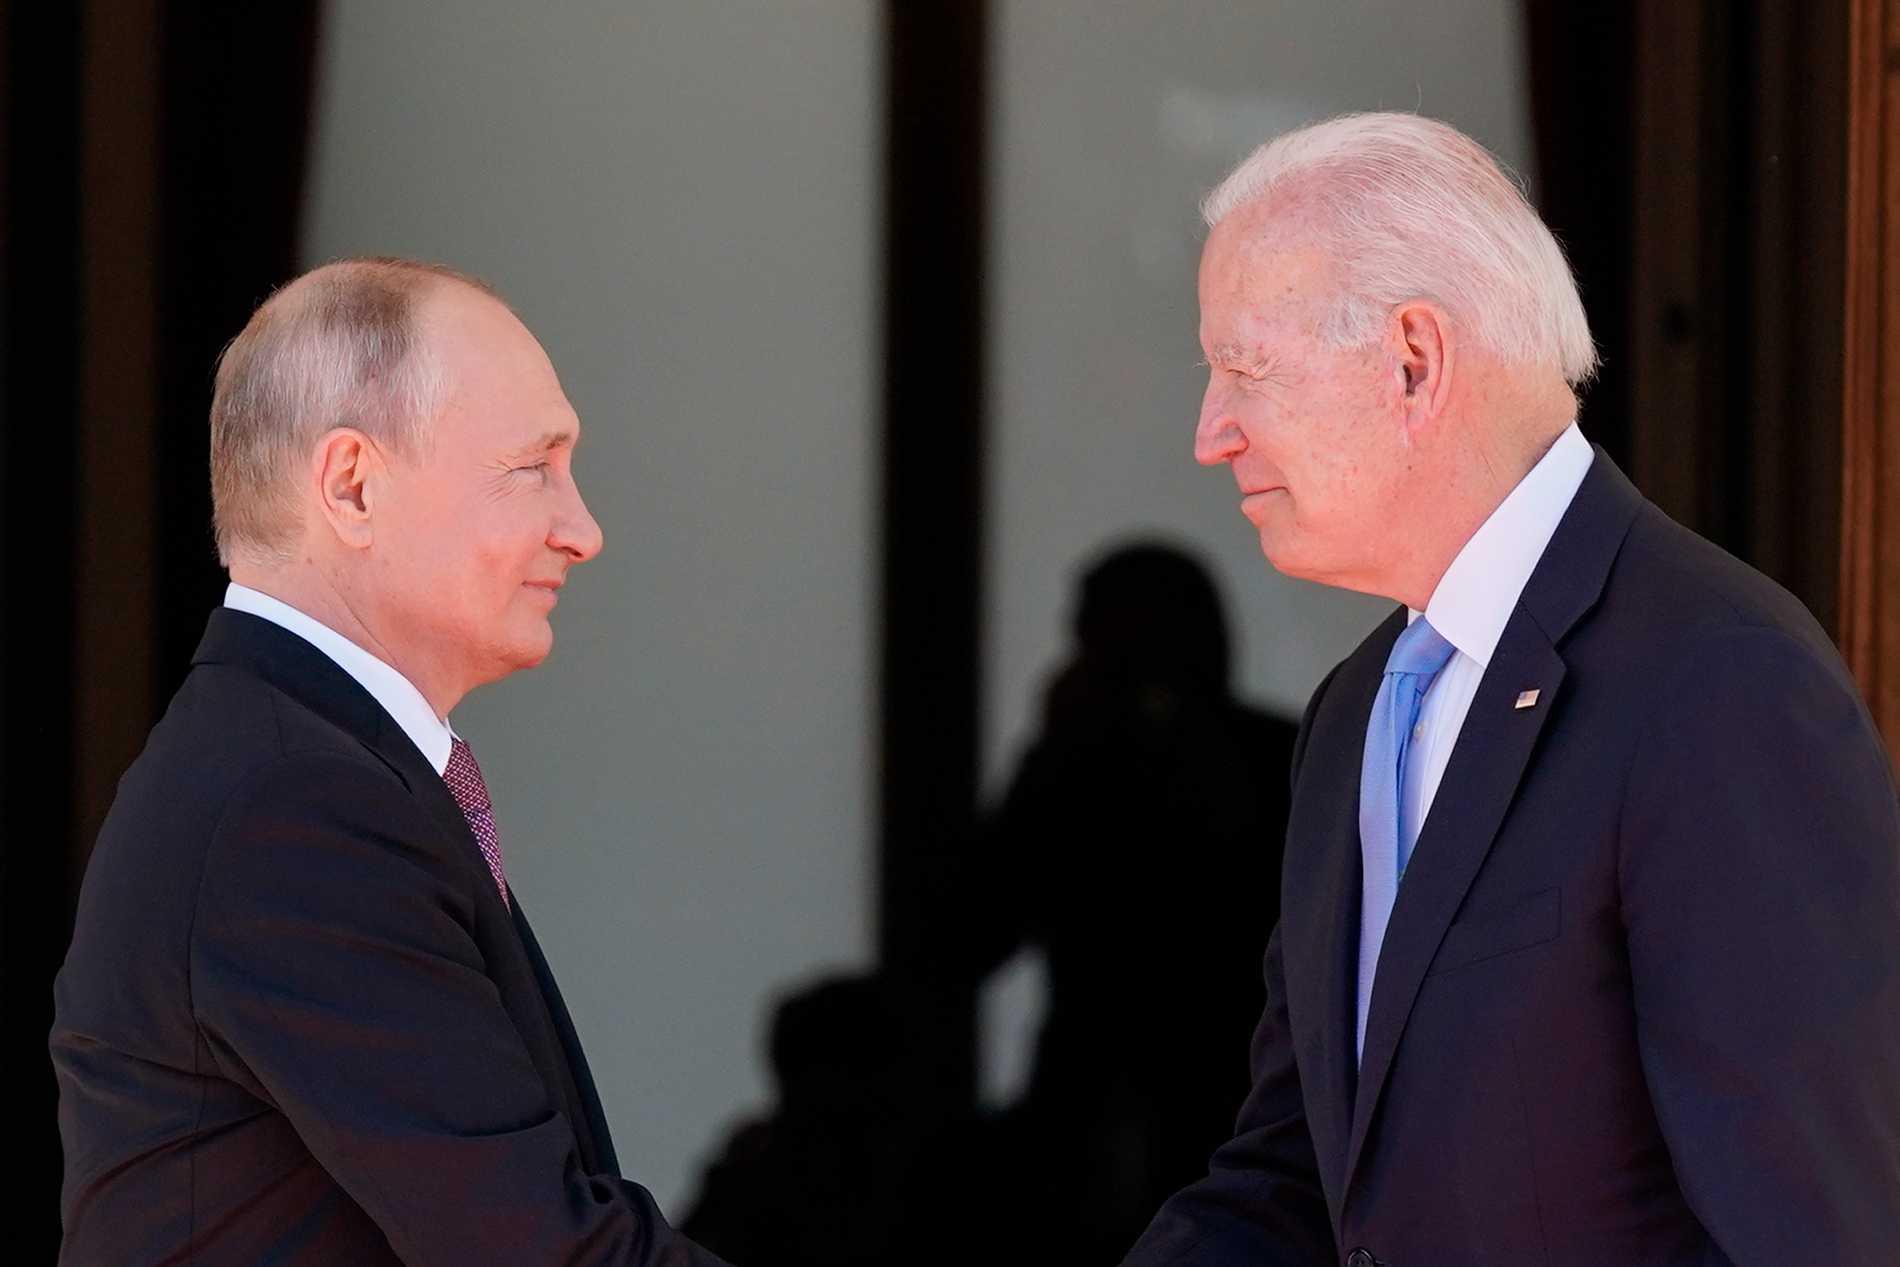 Rysslands president Vladimir Putin och hans amerikanske kollega Joe Biden samtalade i timmar.